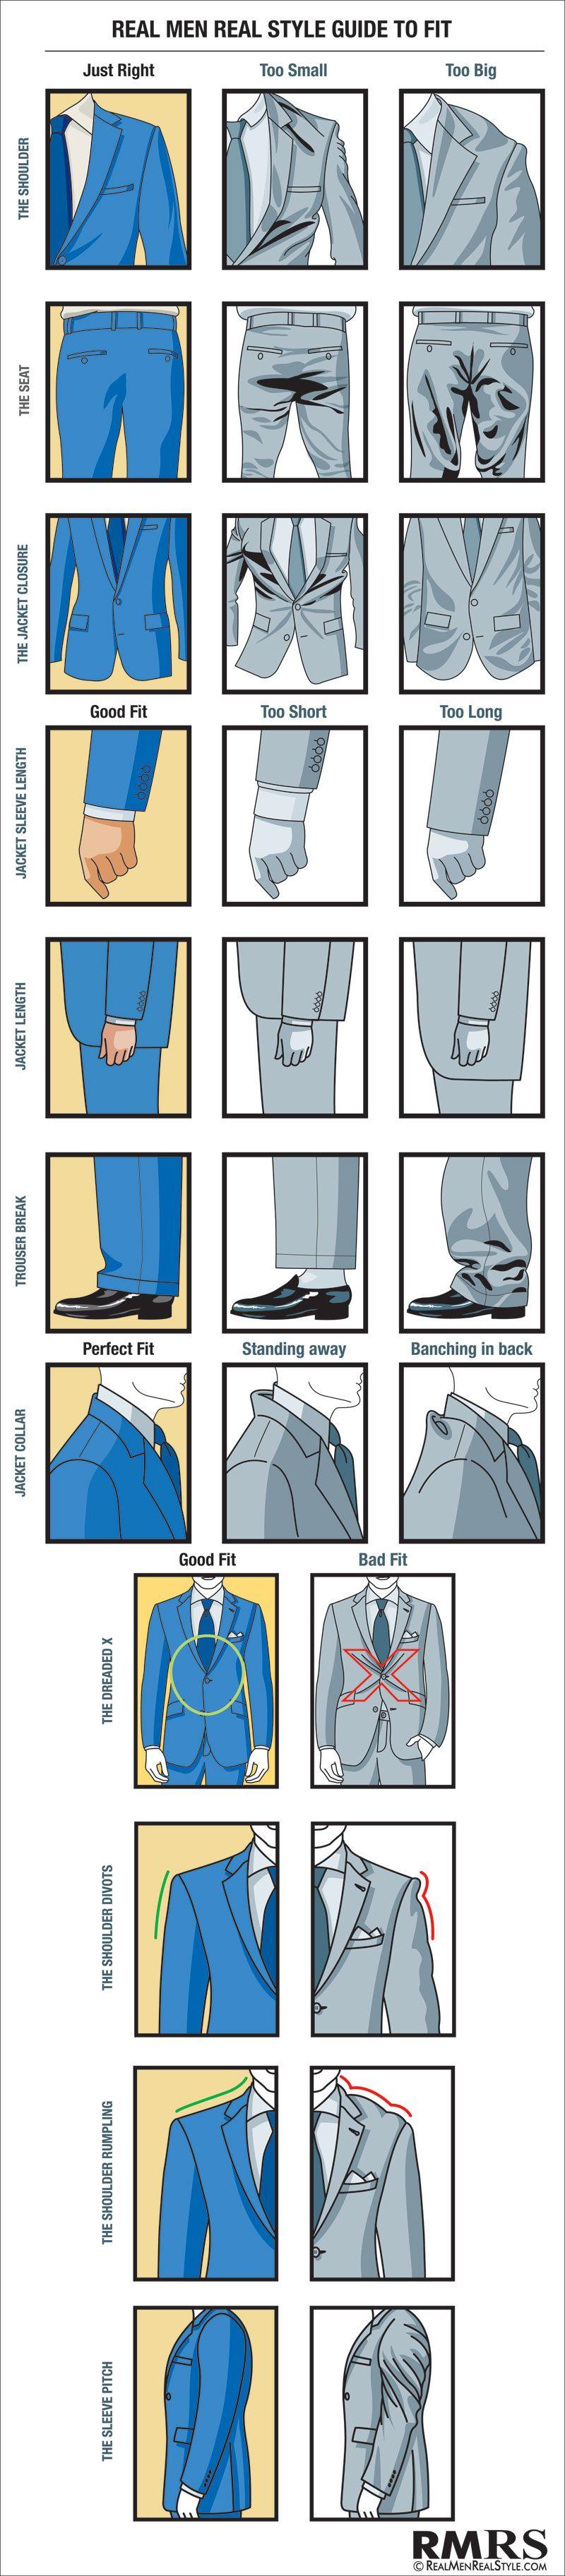 How A Man's Suit Should Fit – Visual Suit Fit Guide – Proper Fitting Suits Chart (via @Antonio Centeno)